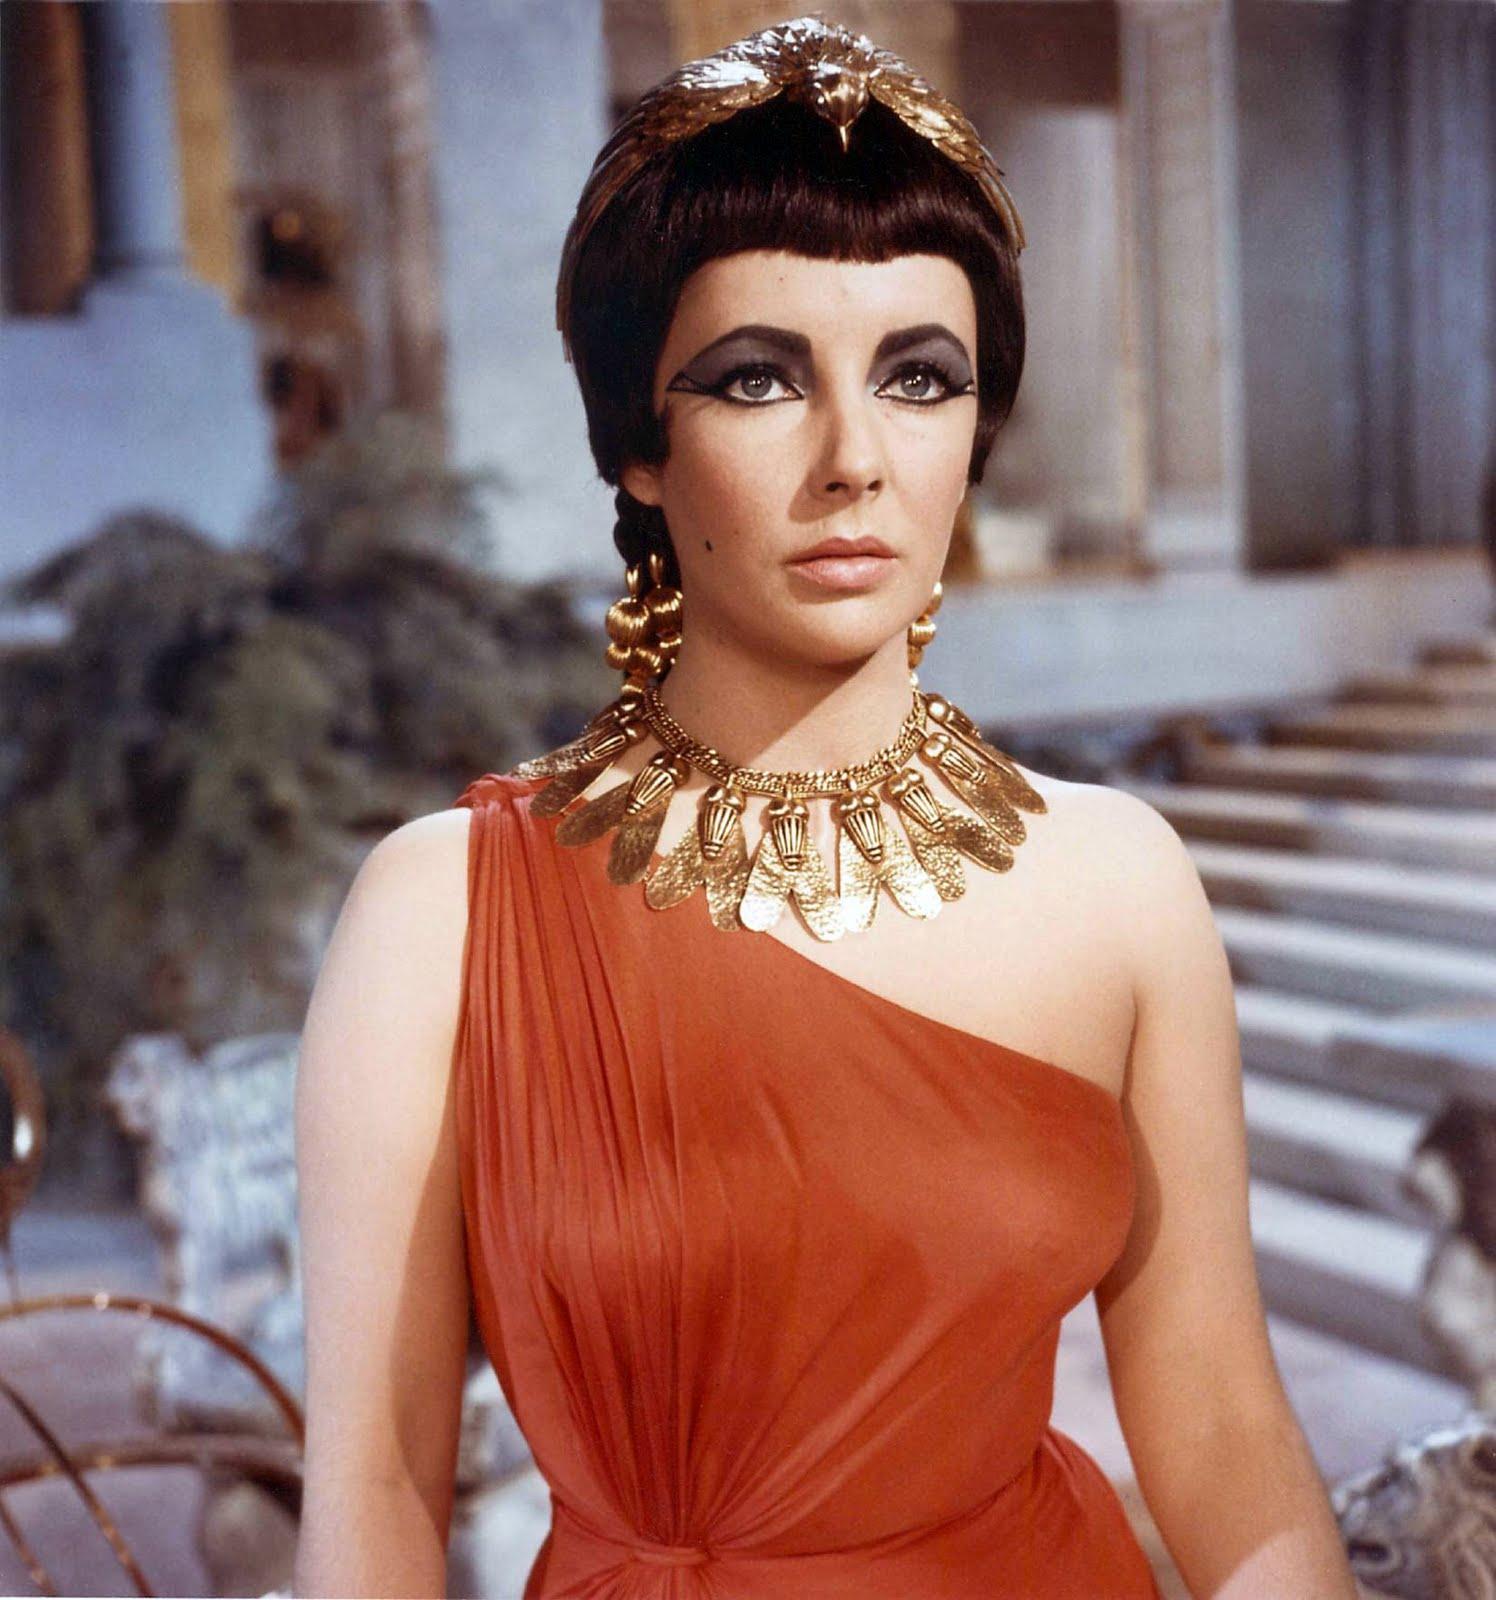 http://4.bp.blogspot.com/-IySUZfFISfk/TckzJgt5eZI/AAAAAAAAAfs/HyeiUL0MQlo/s1600/elizabeth-taylor-as-cleopatra.jpg